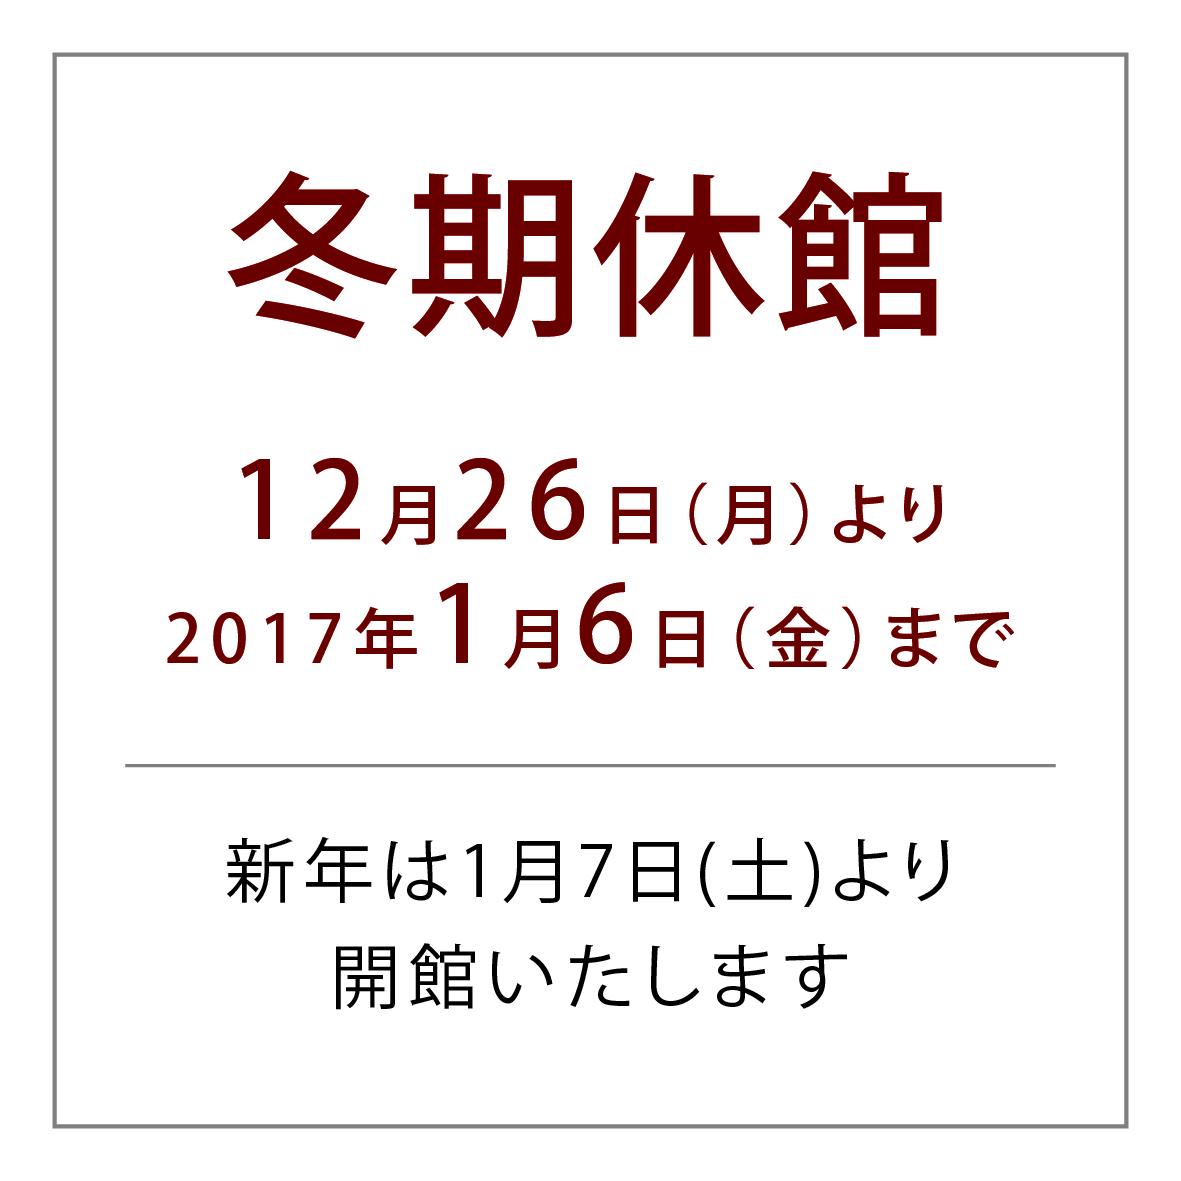 kyukan_20161226-20170106